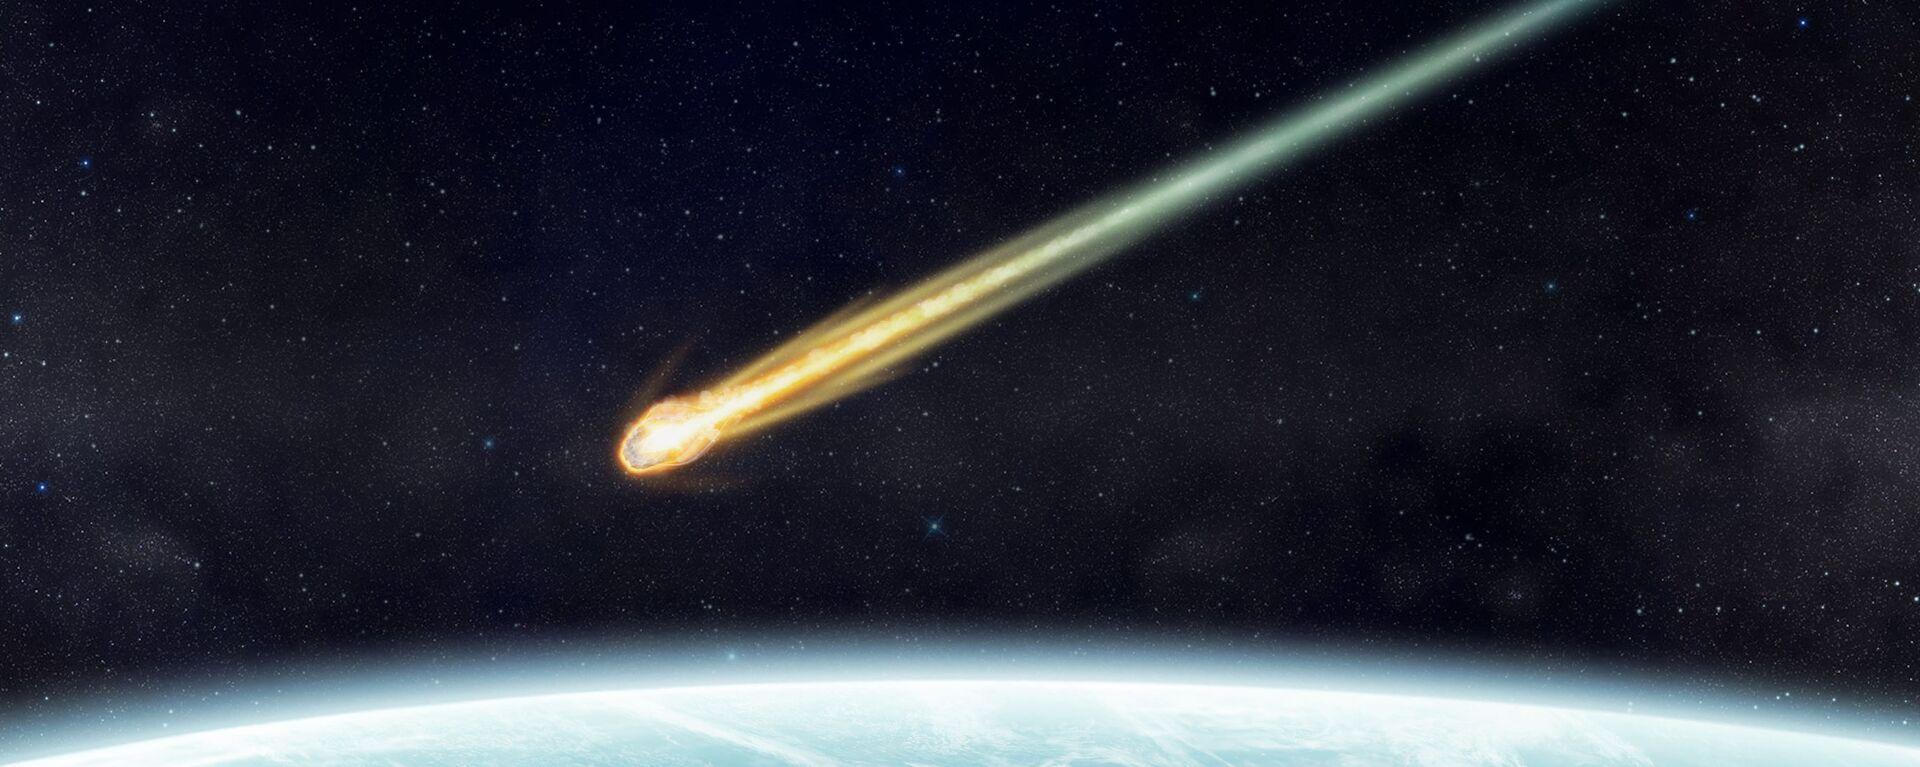 Meteorit. Ilustrační foto - Sputnik Česká republika, 1920, 18.04.2021